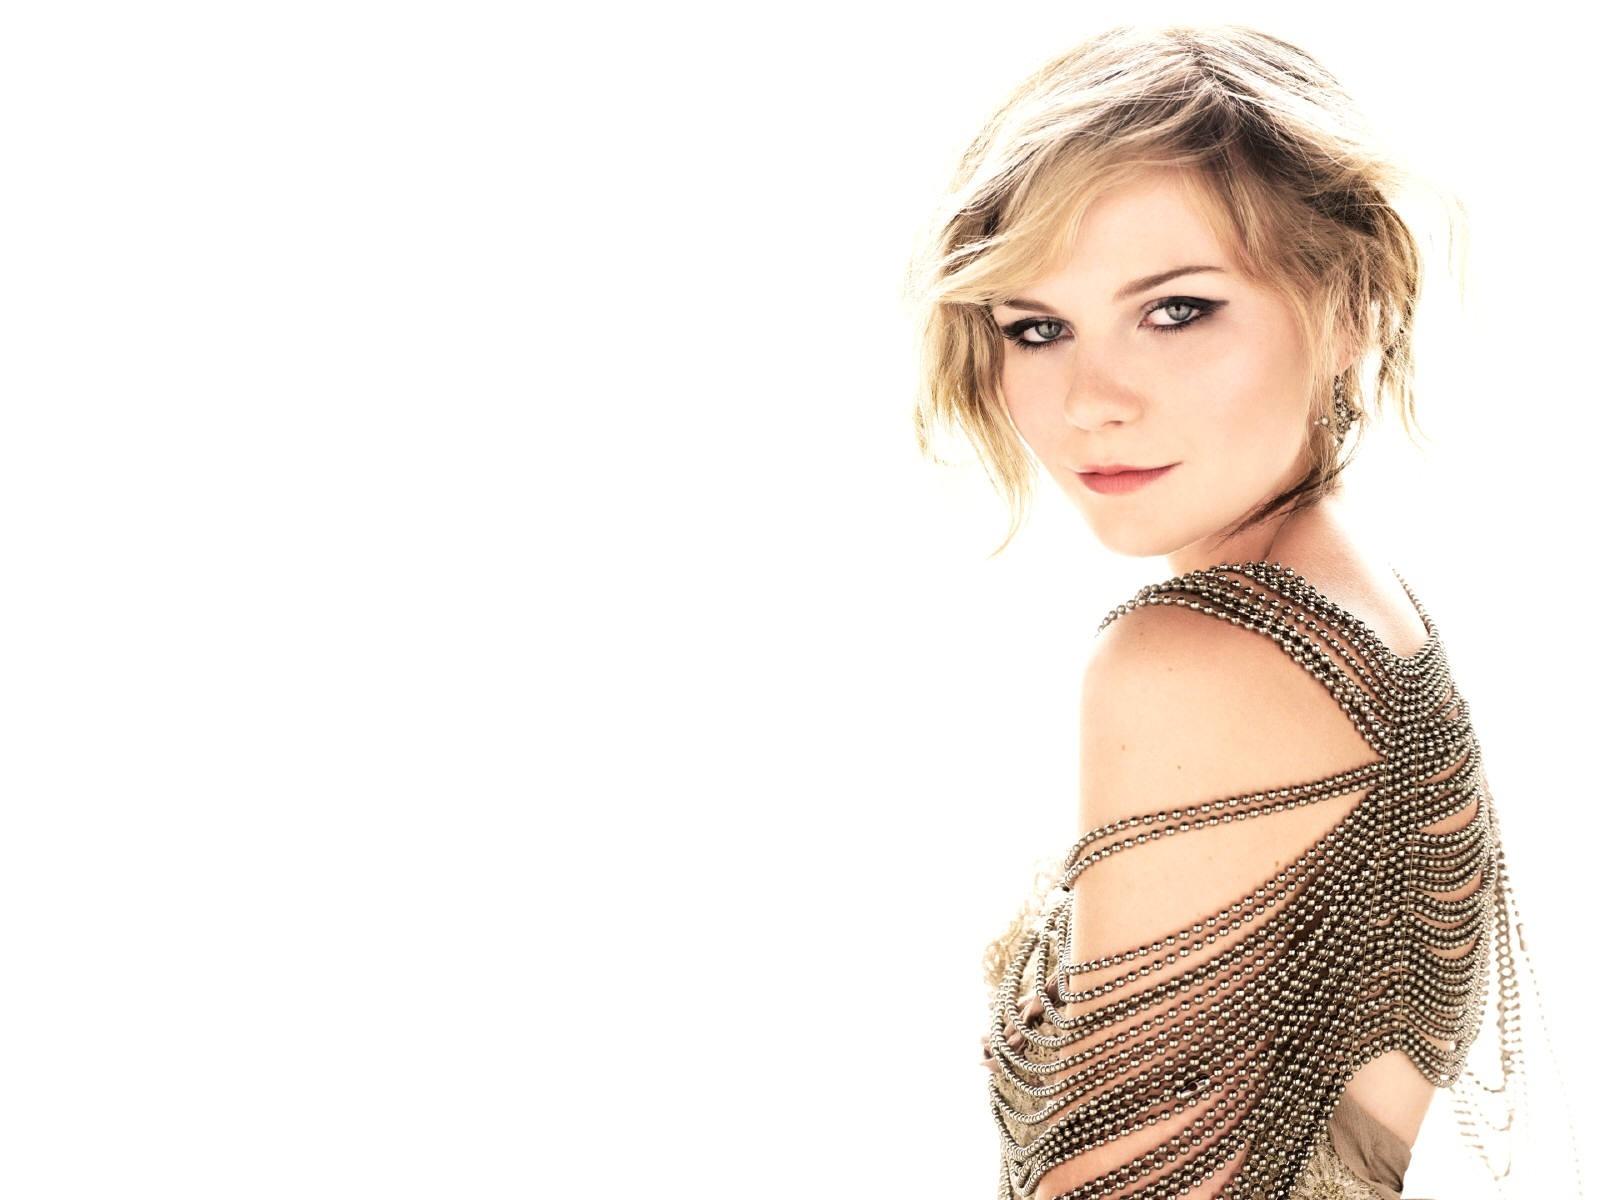 Wallpaper di Kirsten Dunst fasciata in un sofisticato abito marrone